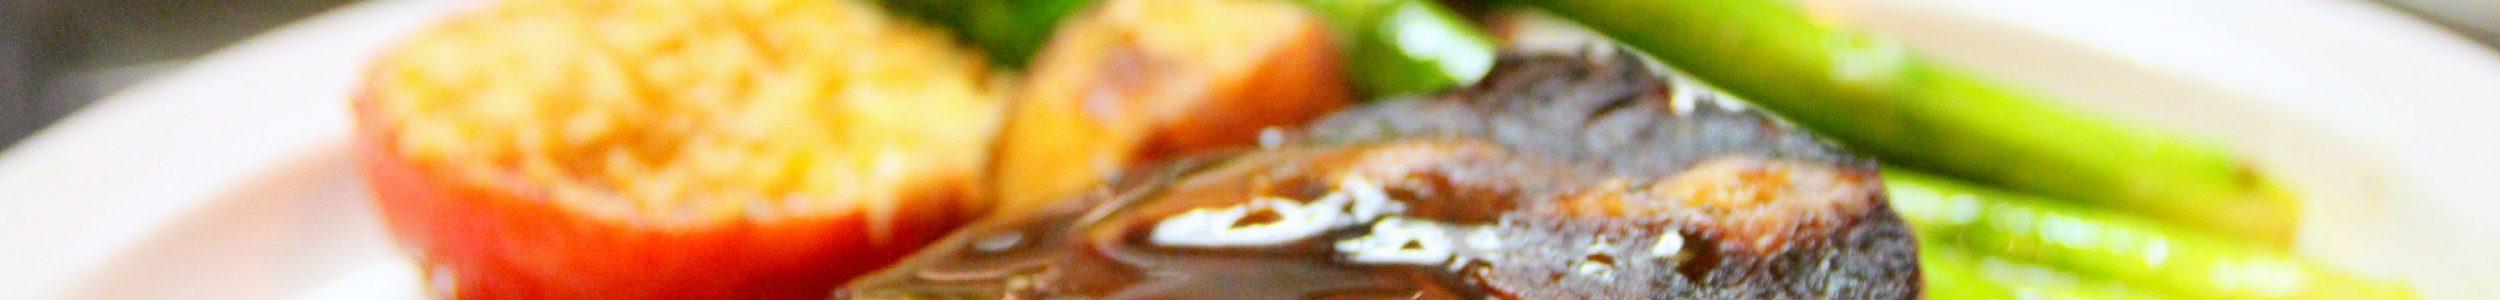 boef-asparges-sovs-menu-catering